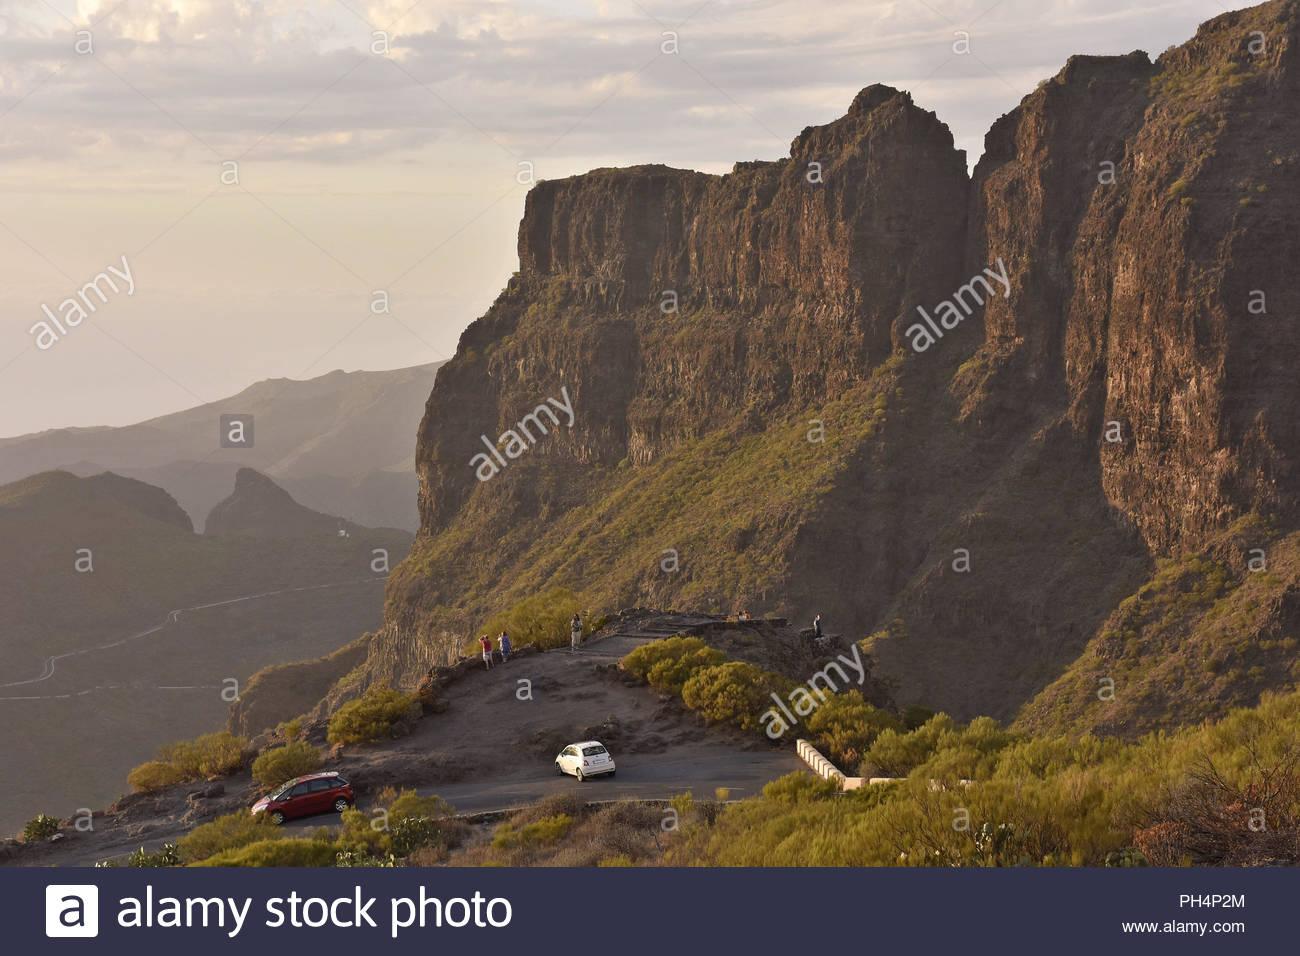 Mirador die Cherfe Aussichtspunkt, Touristen, am Abend Blick auf Masca Tal. Hohe Gipfel der Teno Massiv im Nordwesten von Teneriffa, Kanarische Inseln. Stockbild